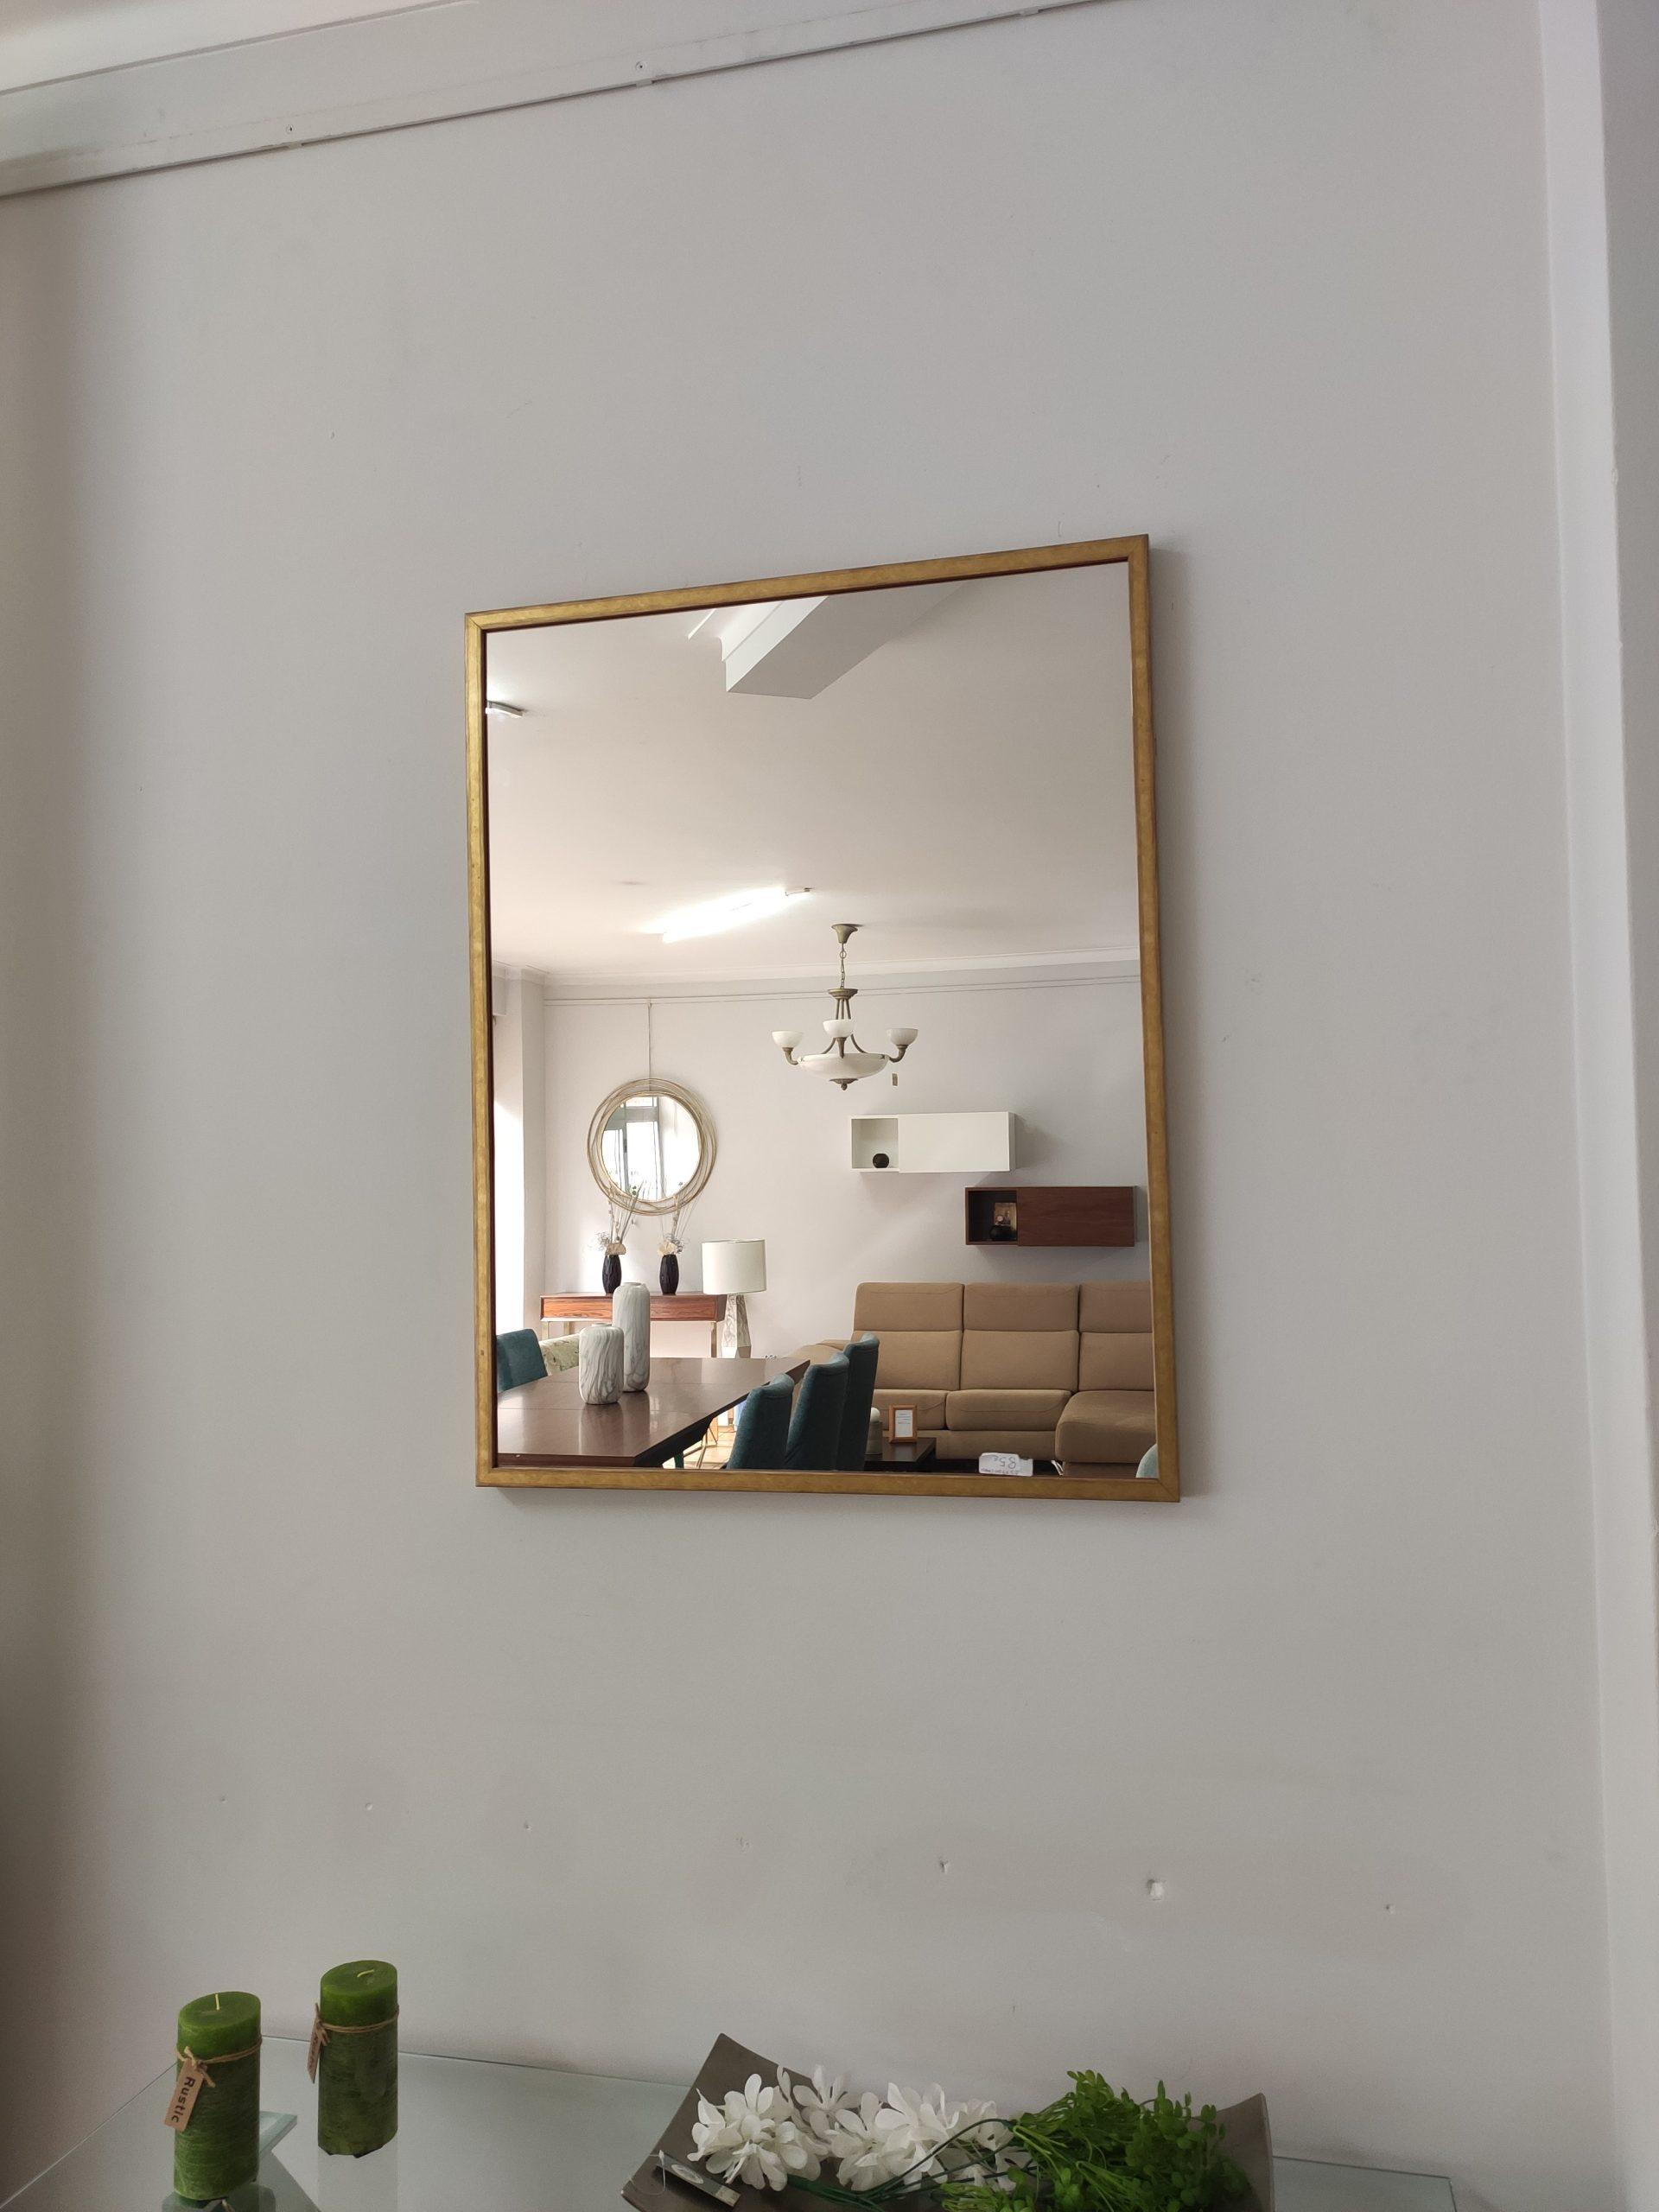 Espelho Rectangular Moldura Madeira Dourada 2 scaled